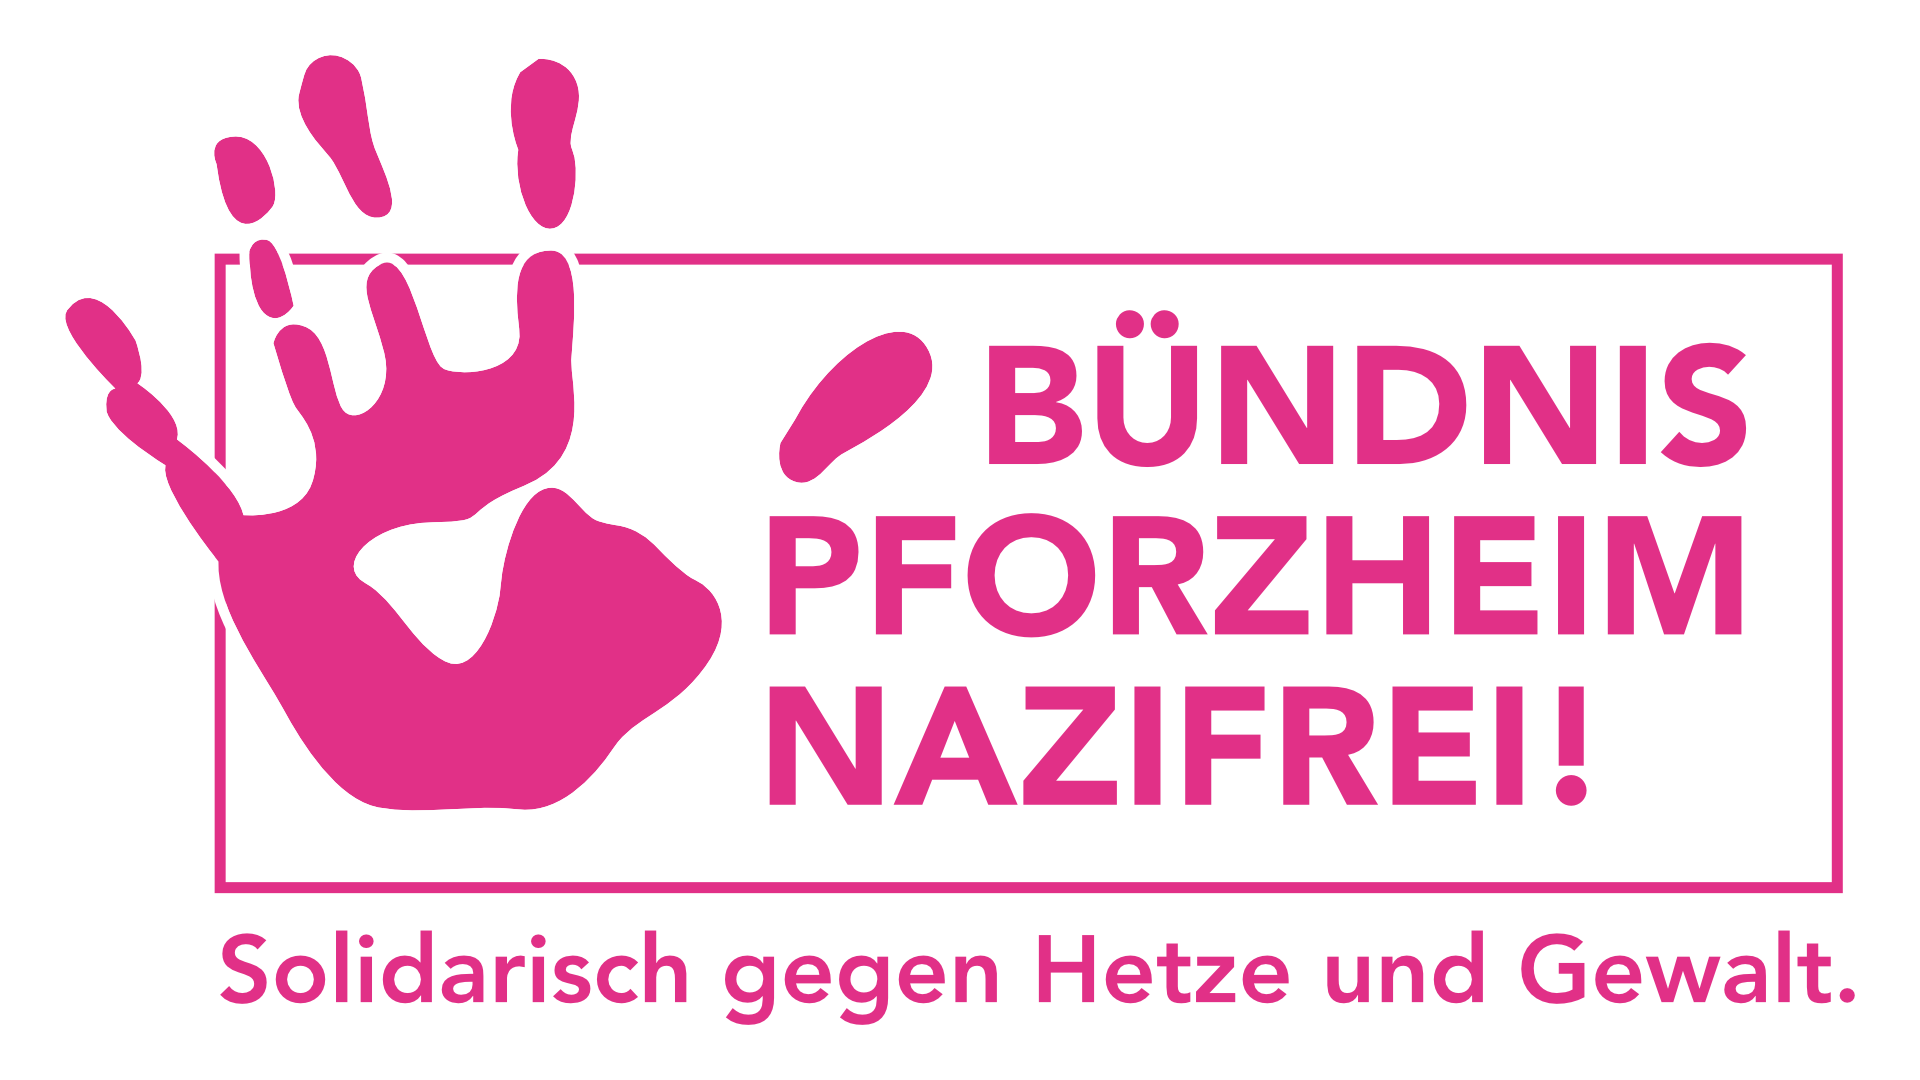 Bündnis Pforzheim nazifrei!